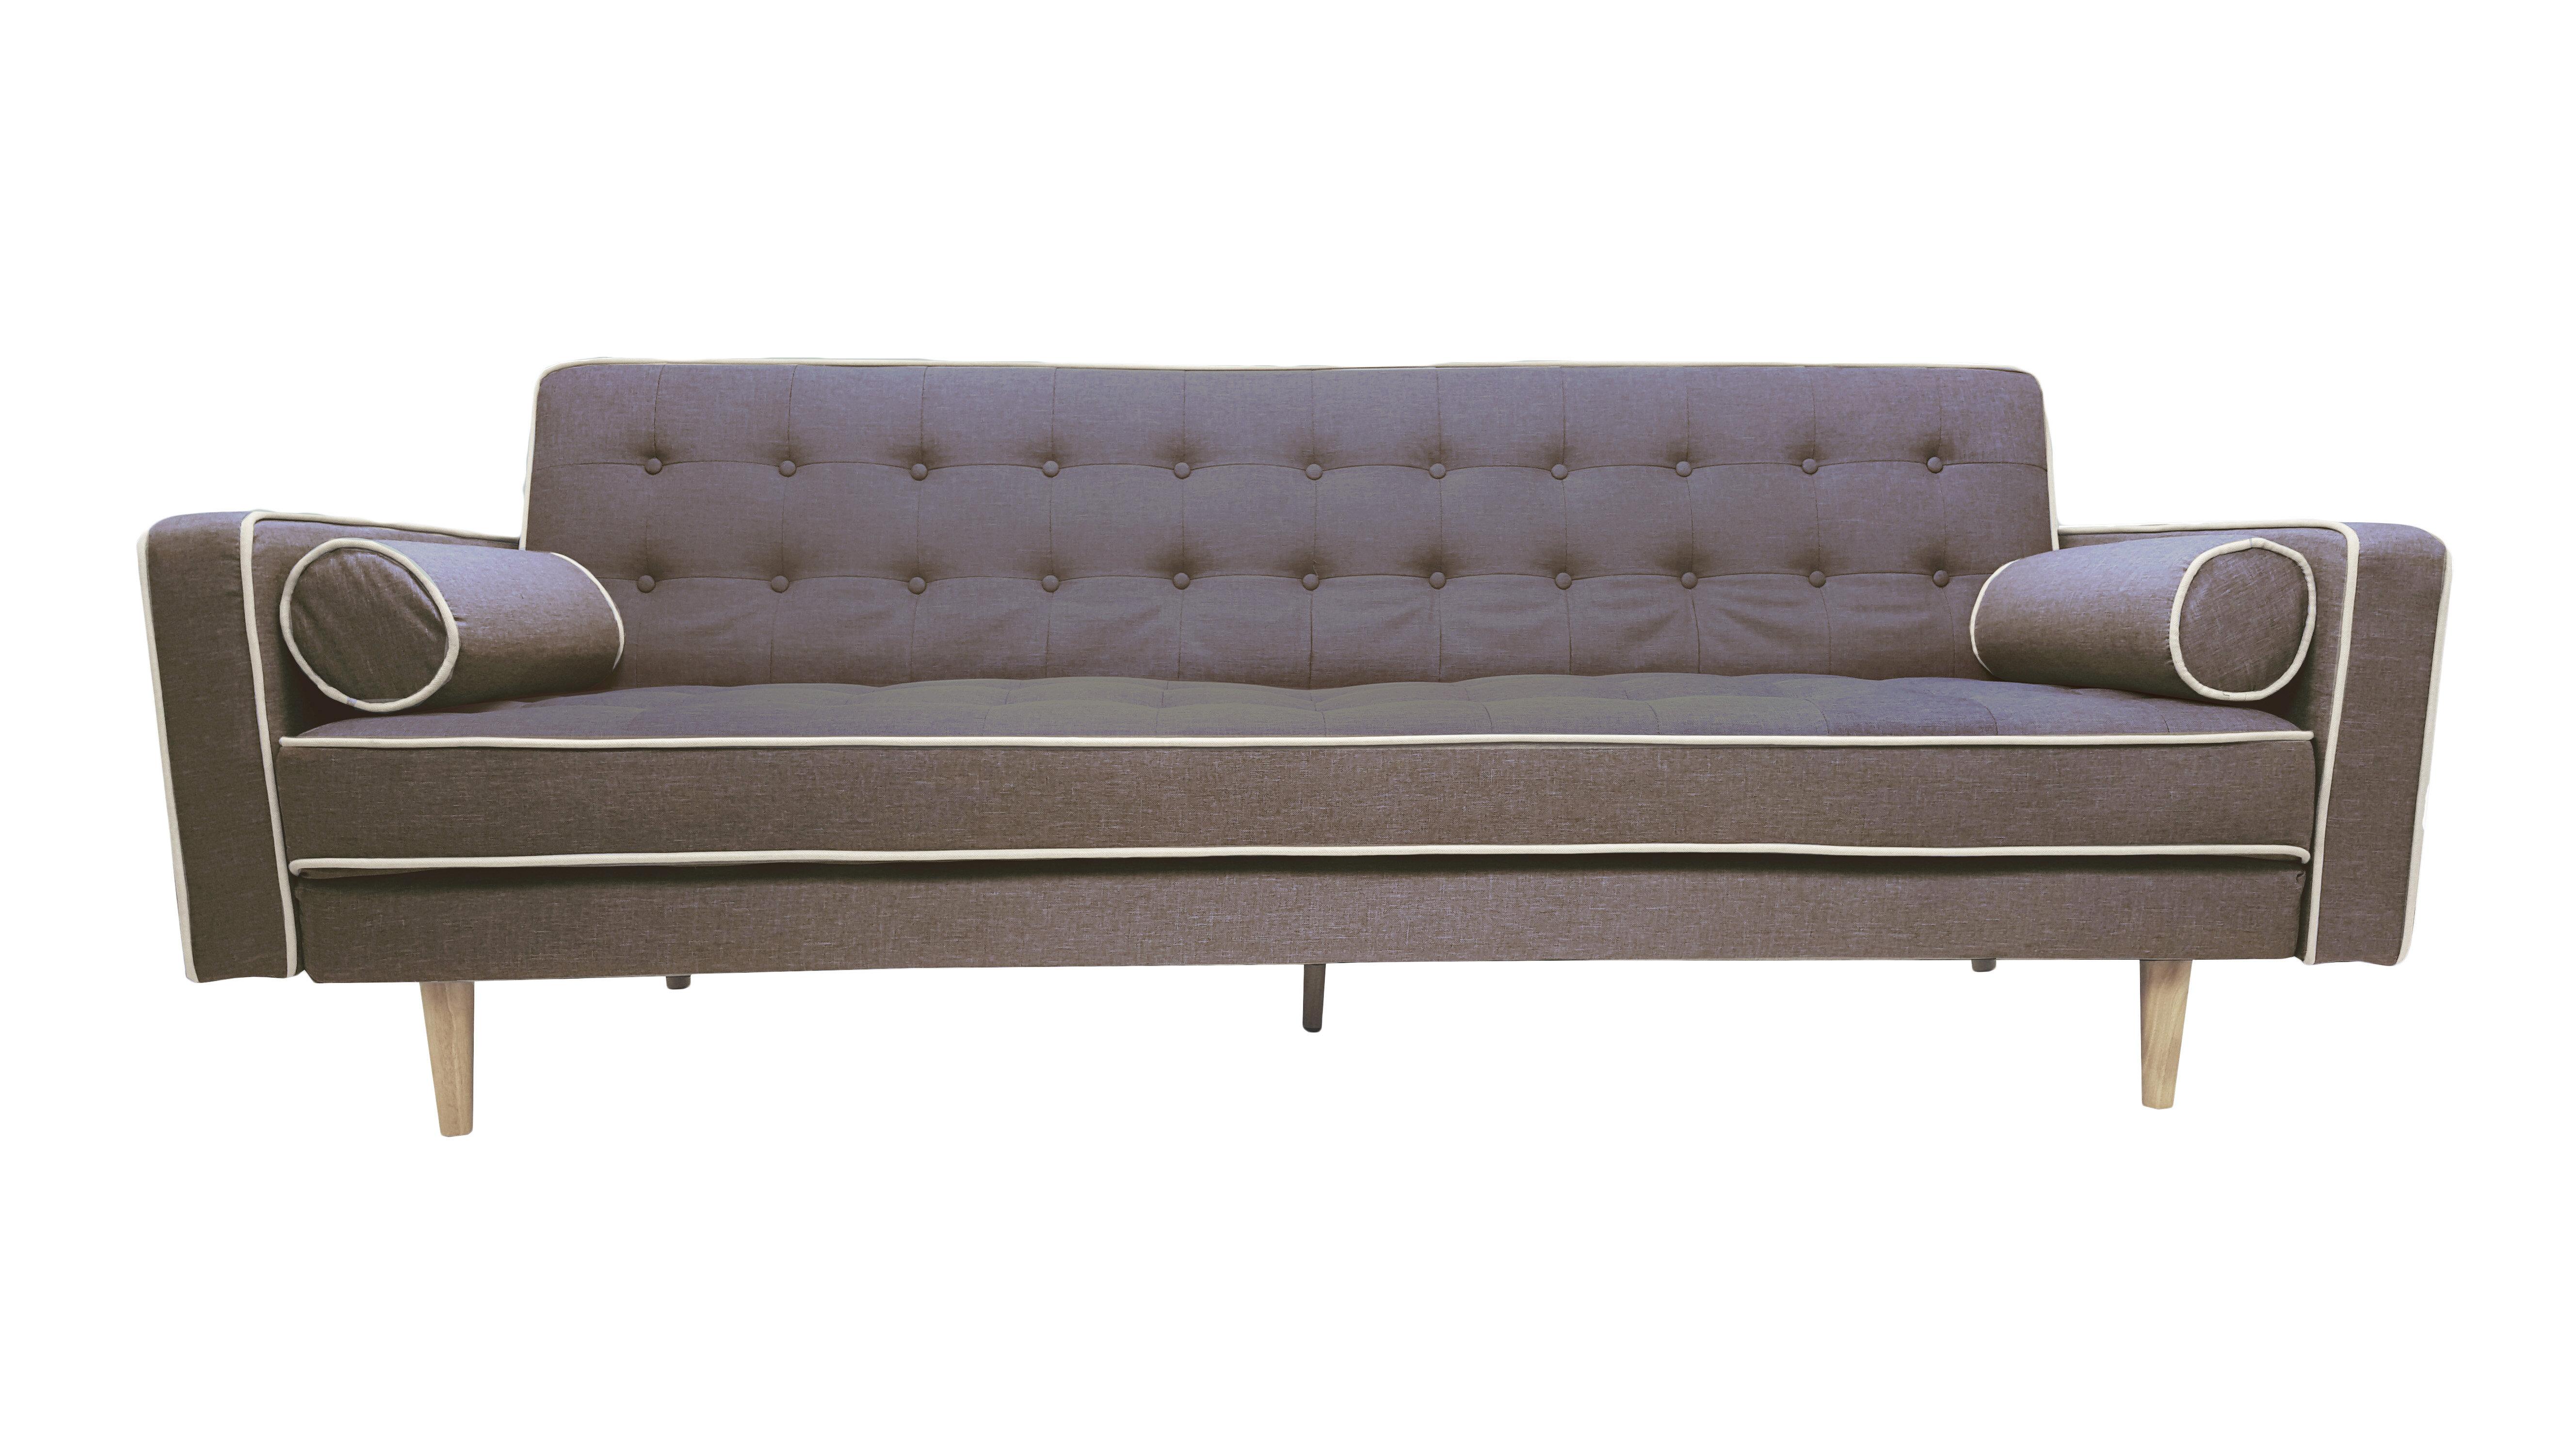 mid century sleeper sofa Langley Street Clarissa 2 Tone Mid Century Sleeper Sofa & Reviews  mid century sleeper sofa